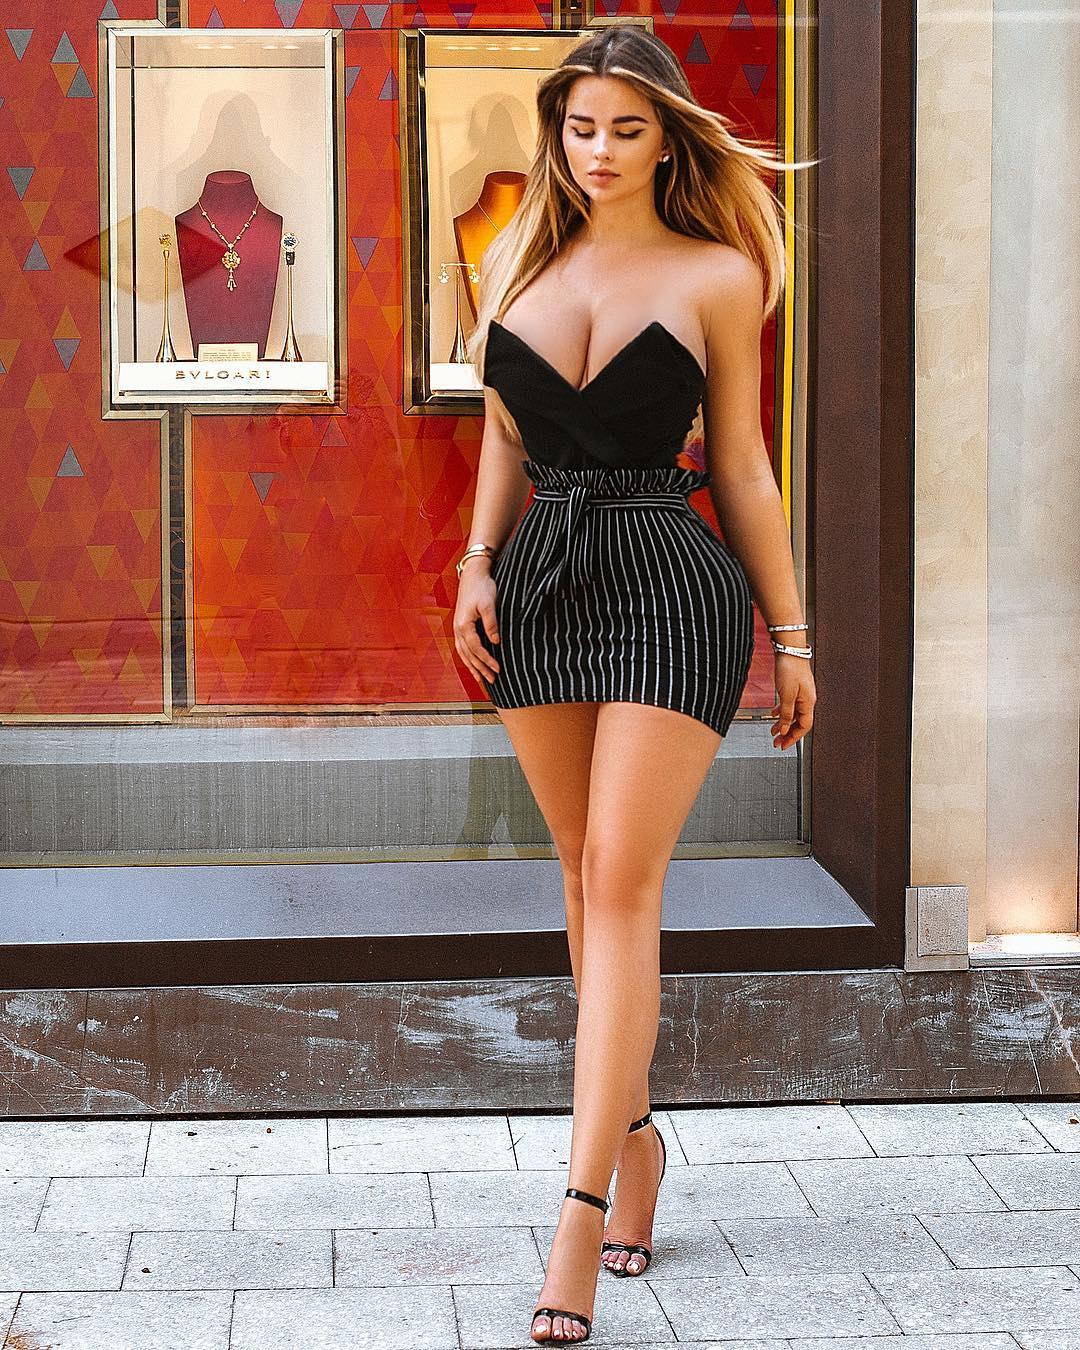 Anastasiya_kvitko133.jpg